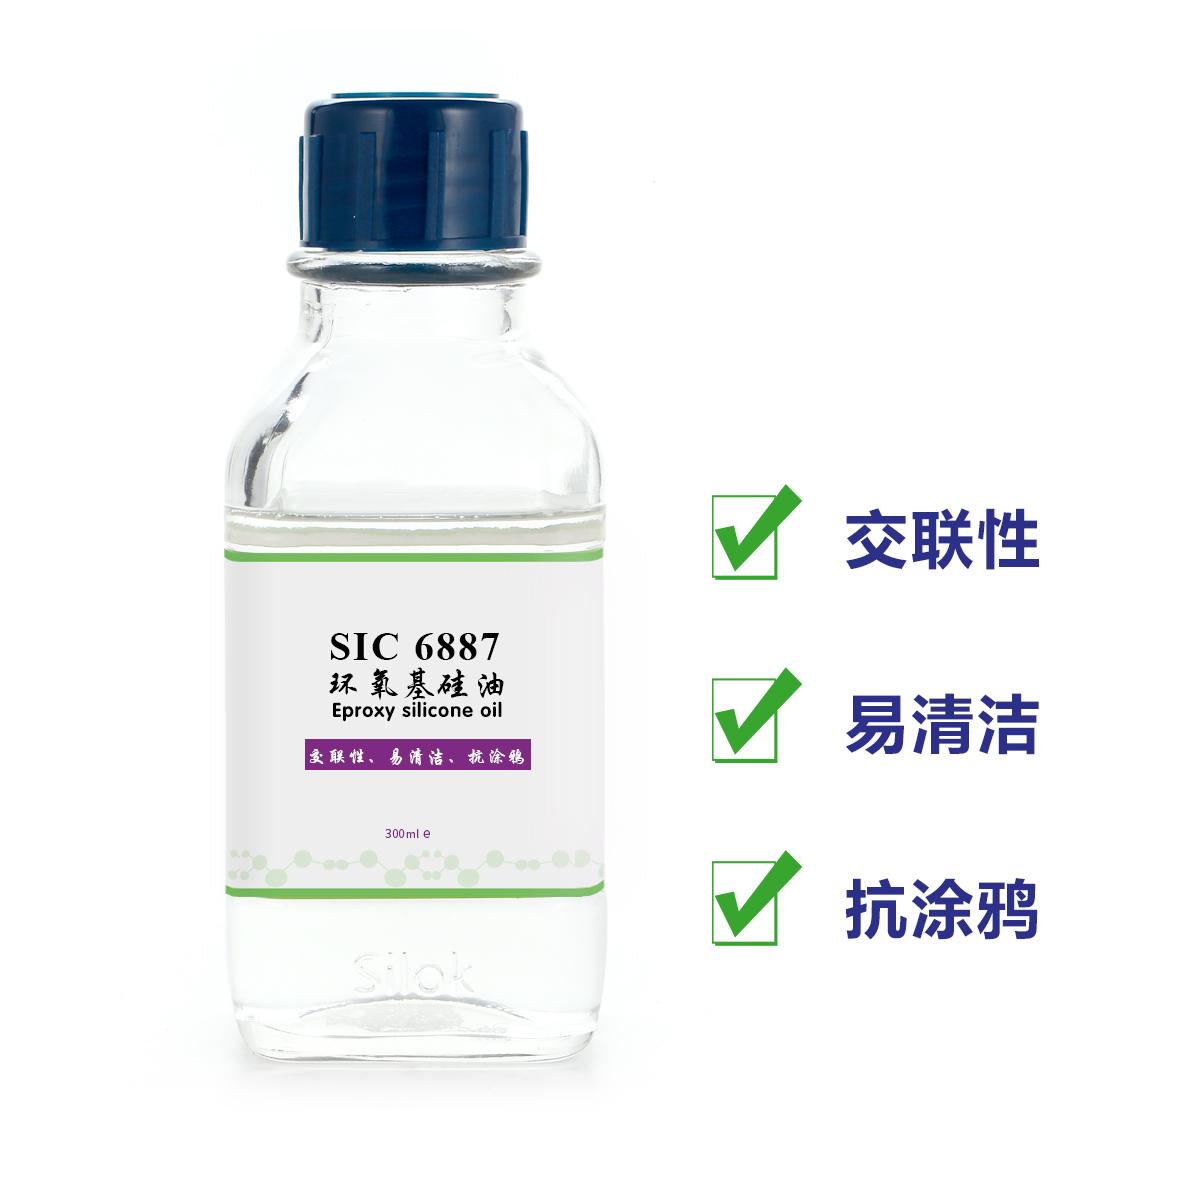 环氧基硅油